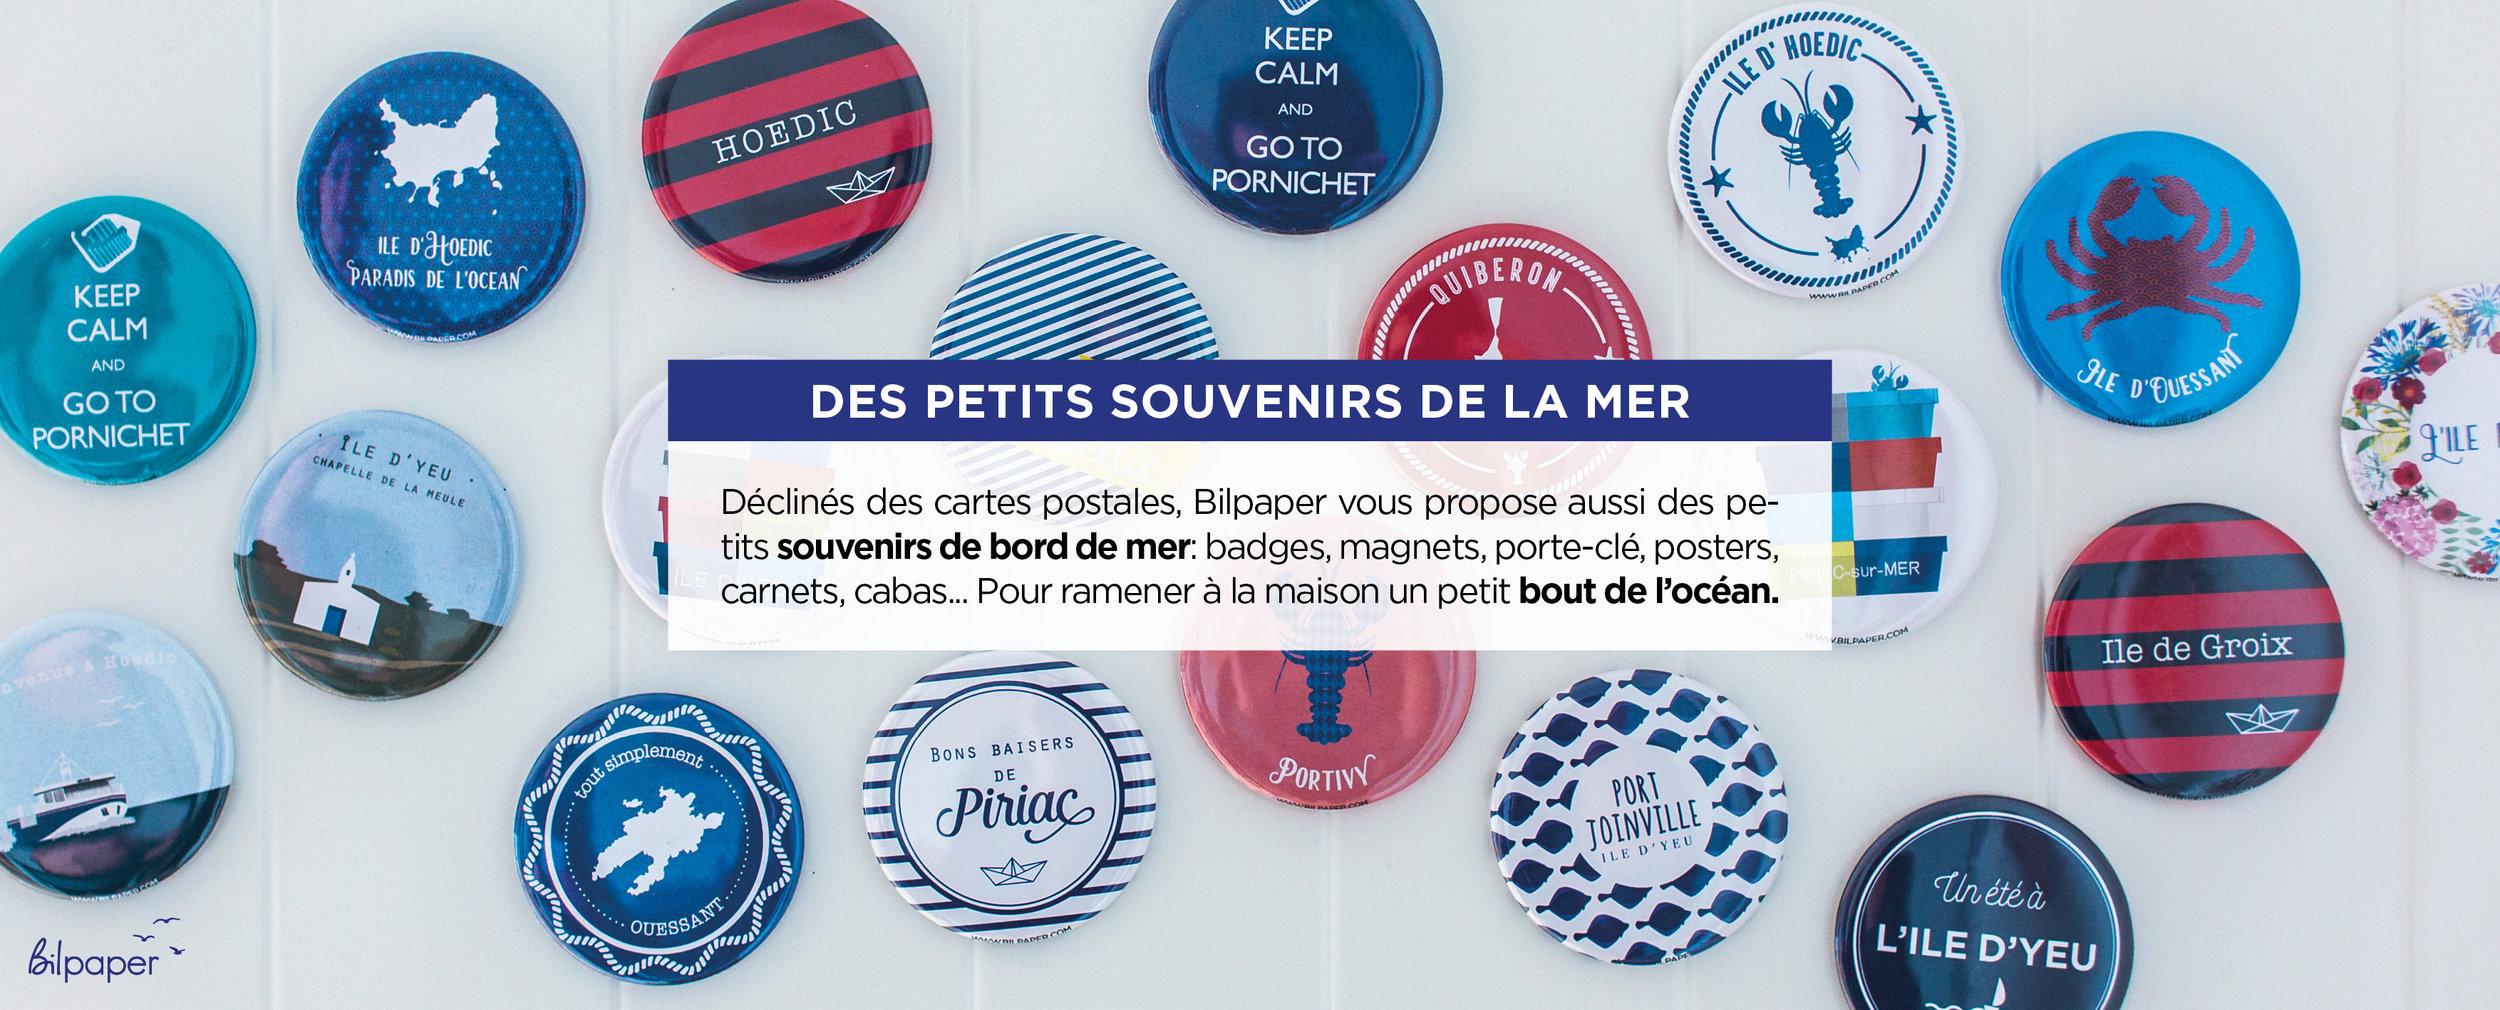 Banners d'accueil_bilpaper2019_4.jpg